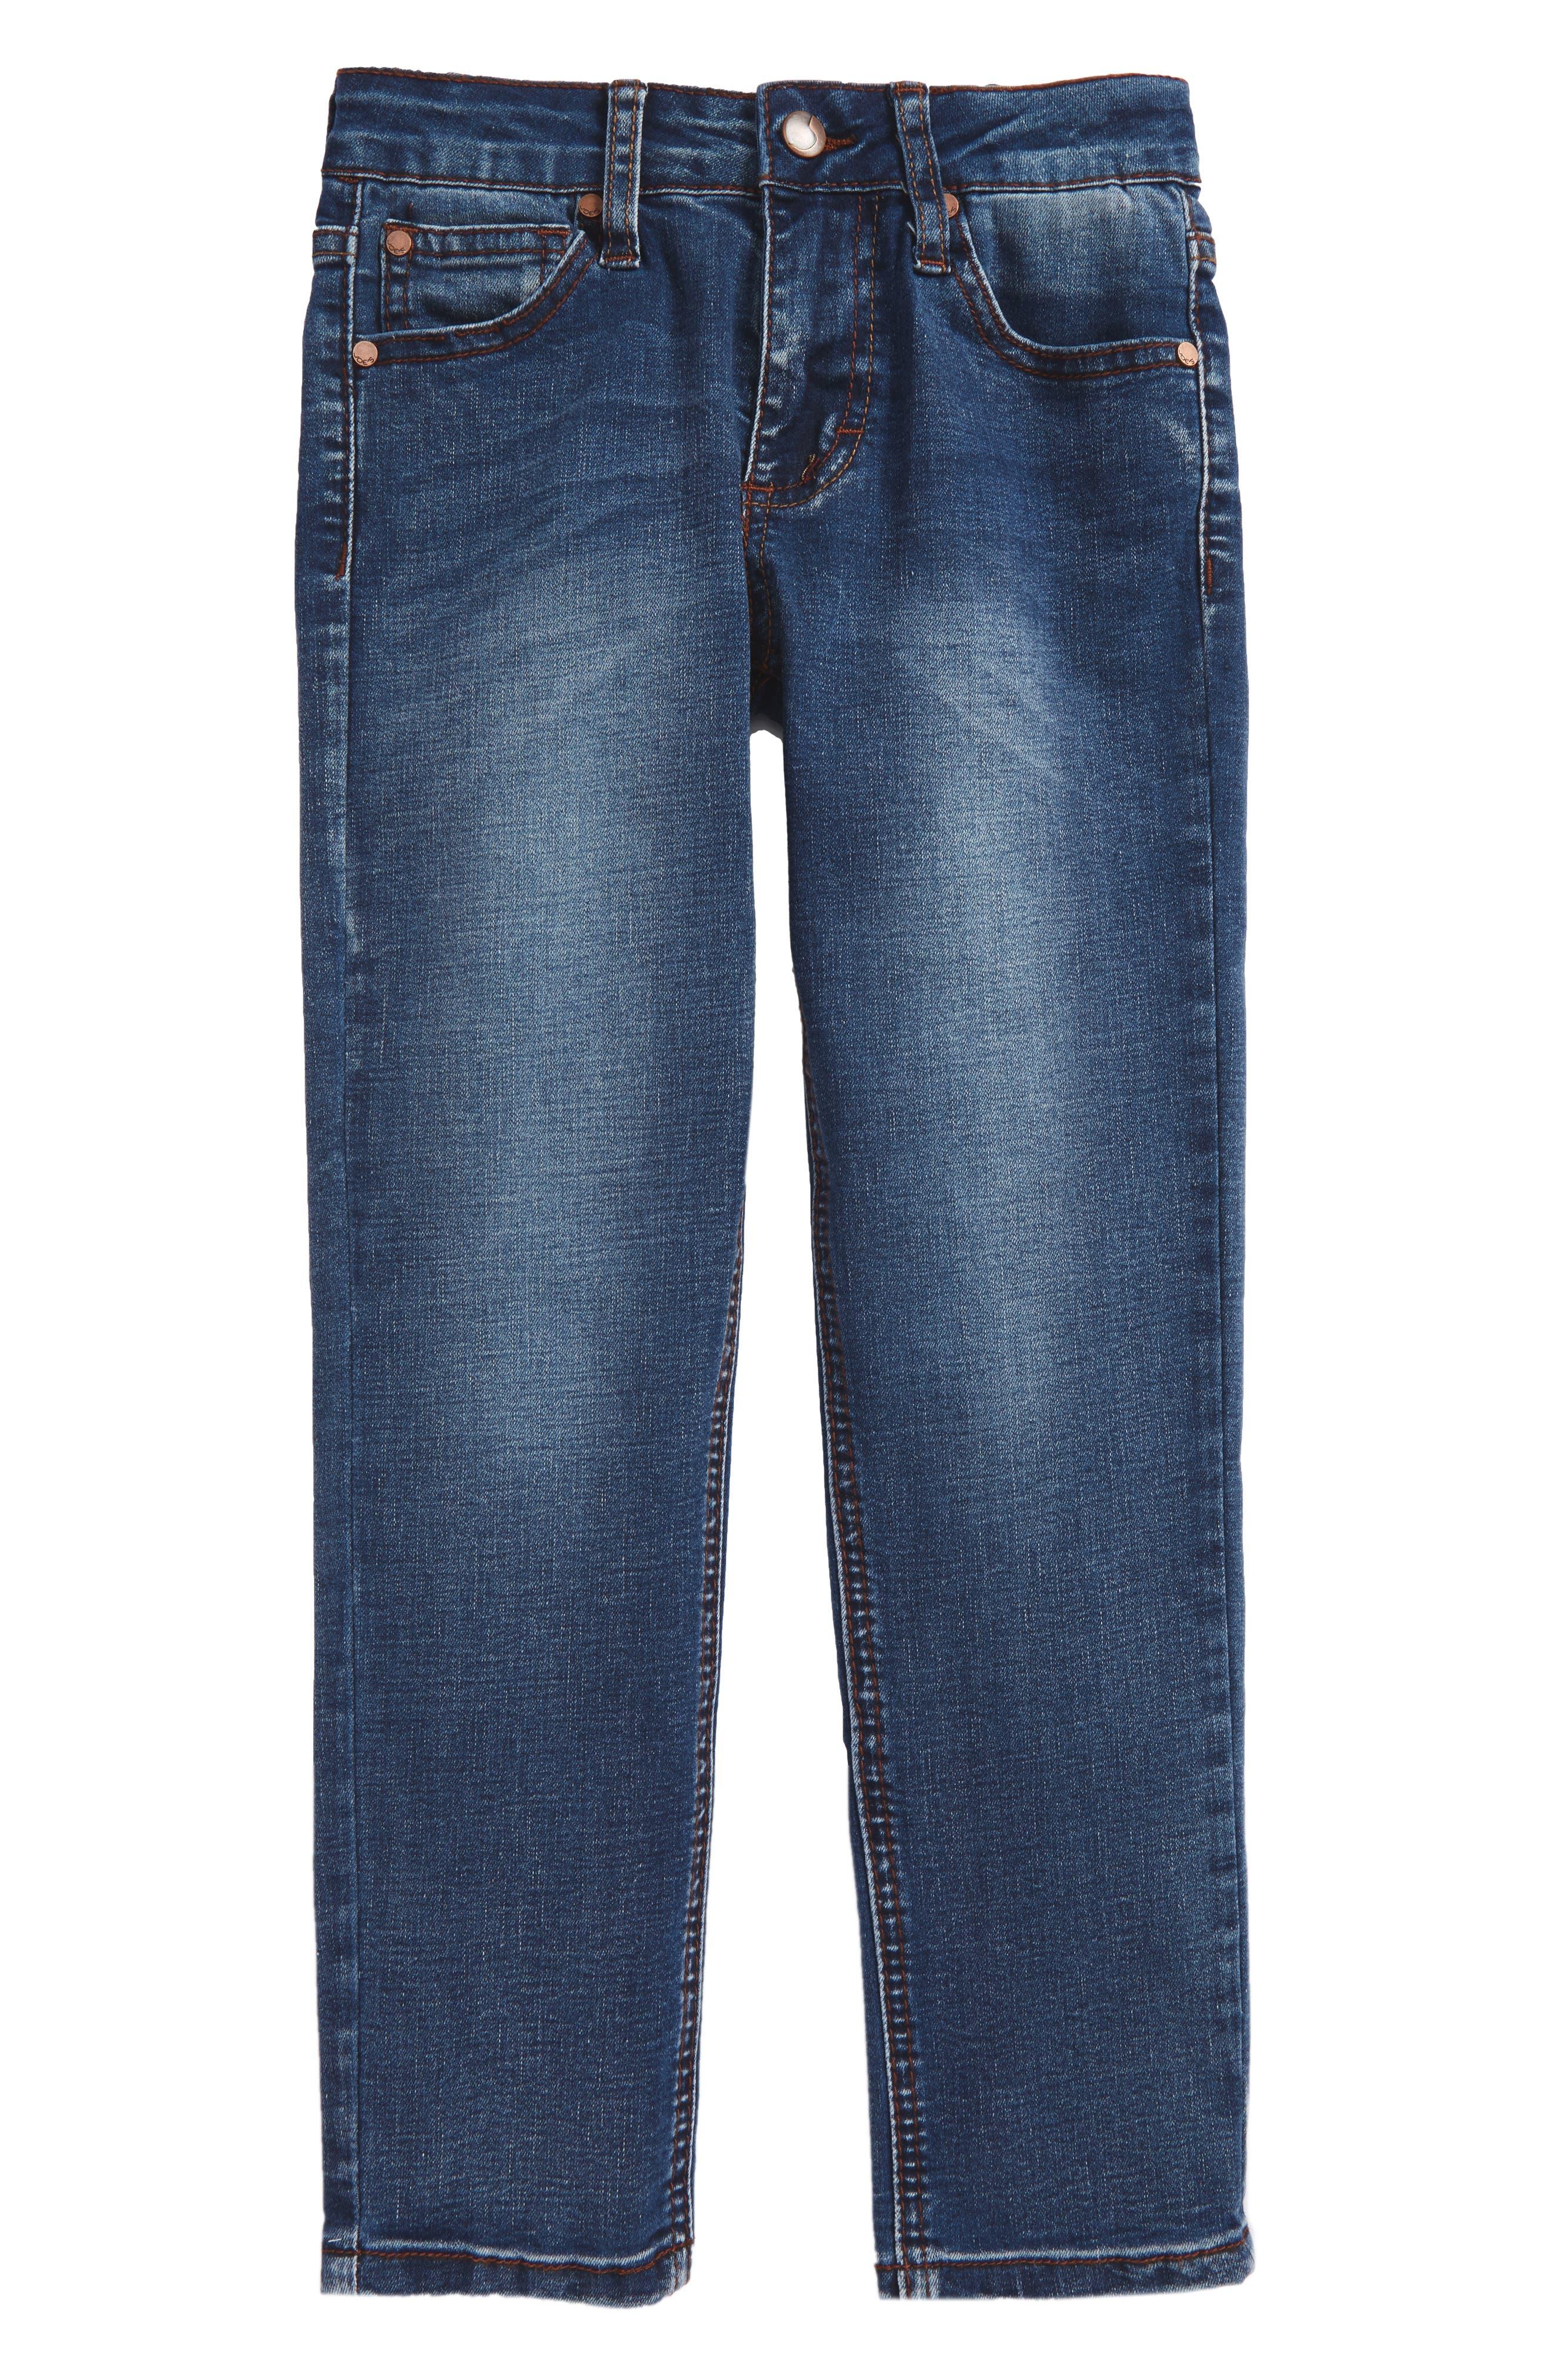 Brixton Slim Fit Stretch Jeans,                         Main,                         color,